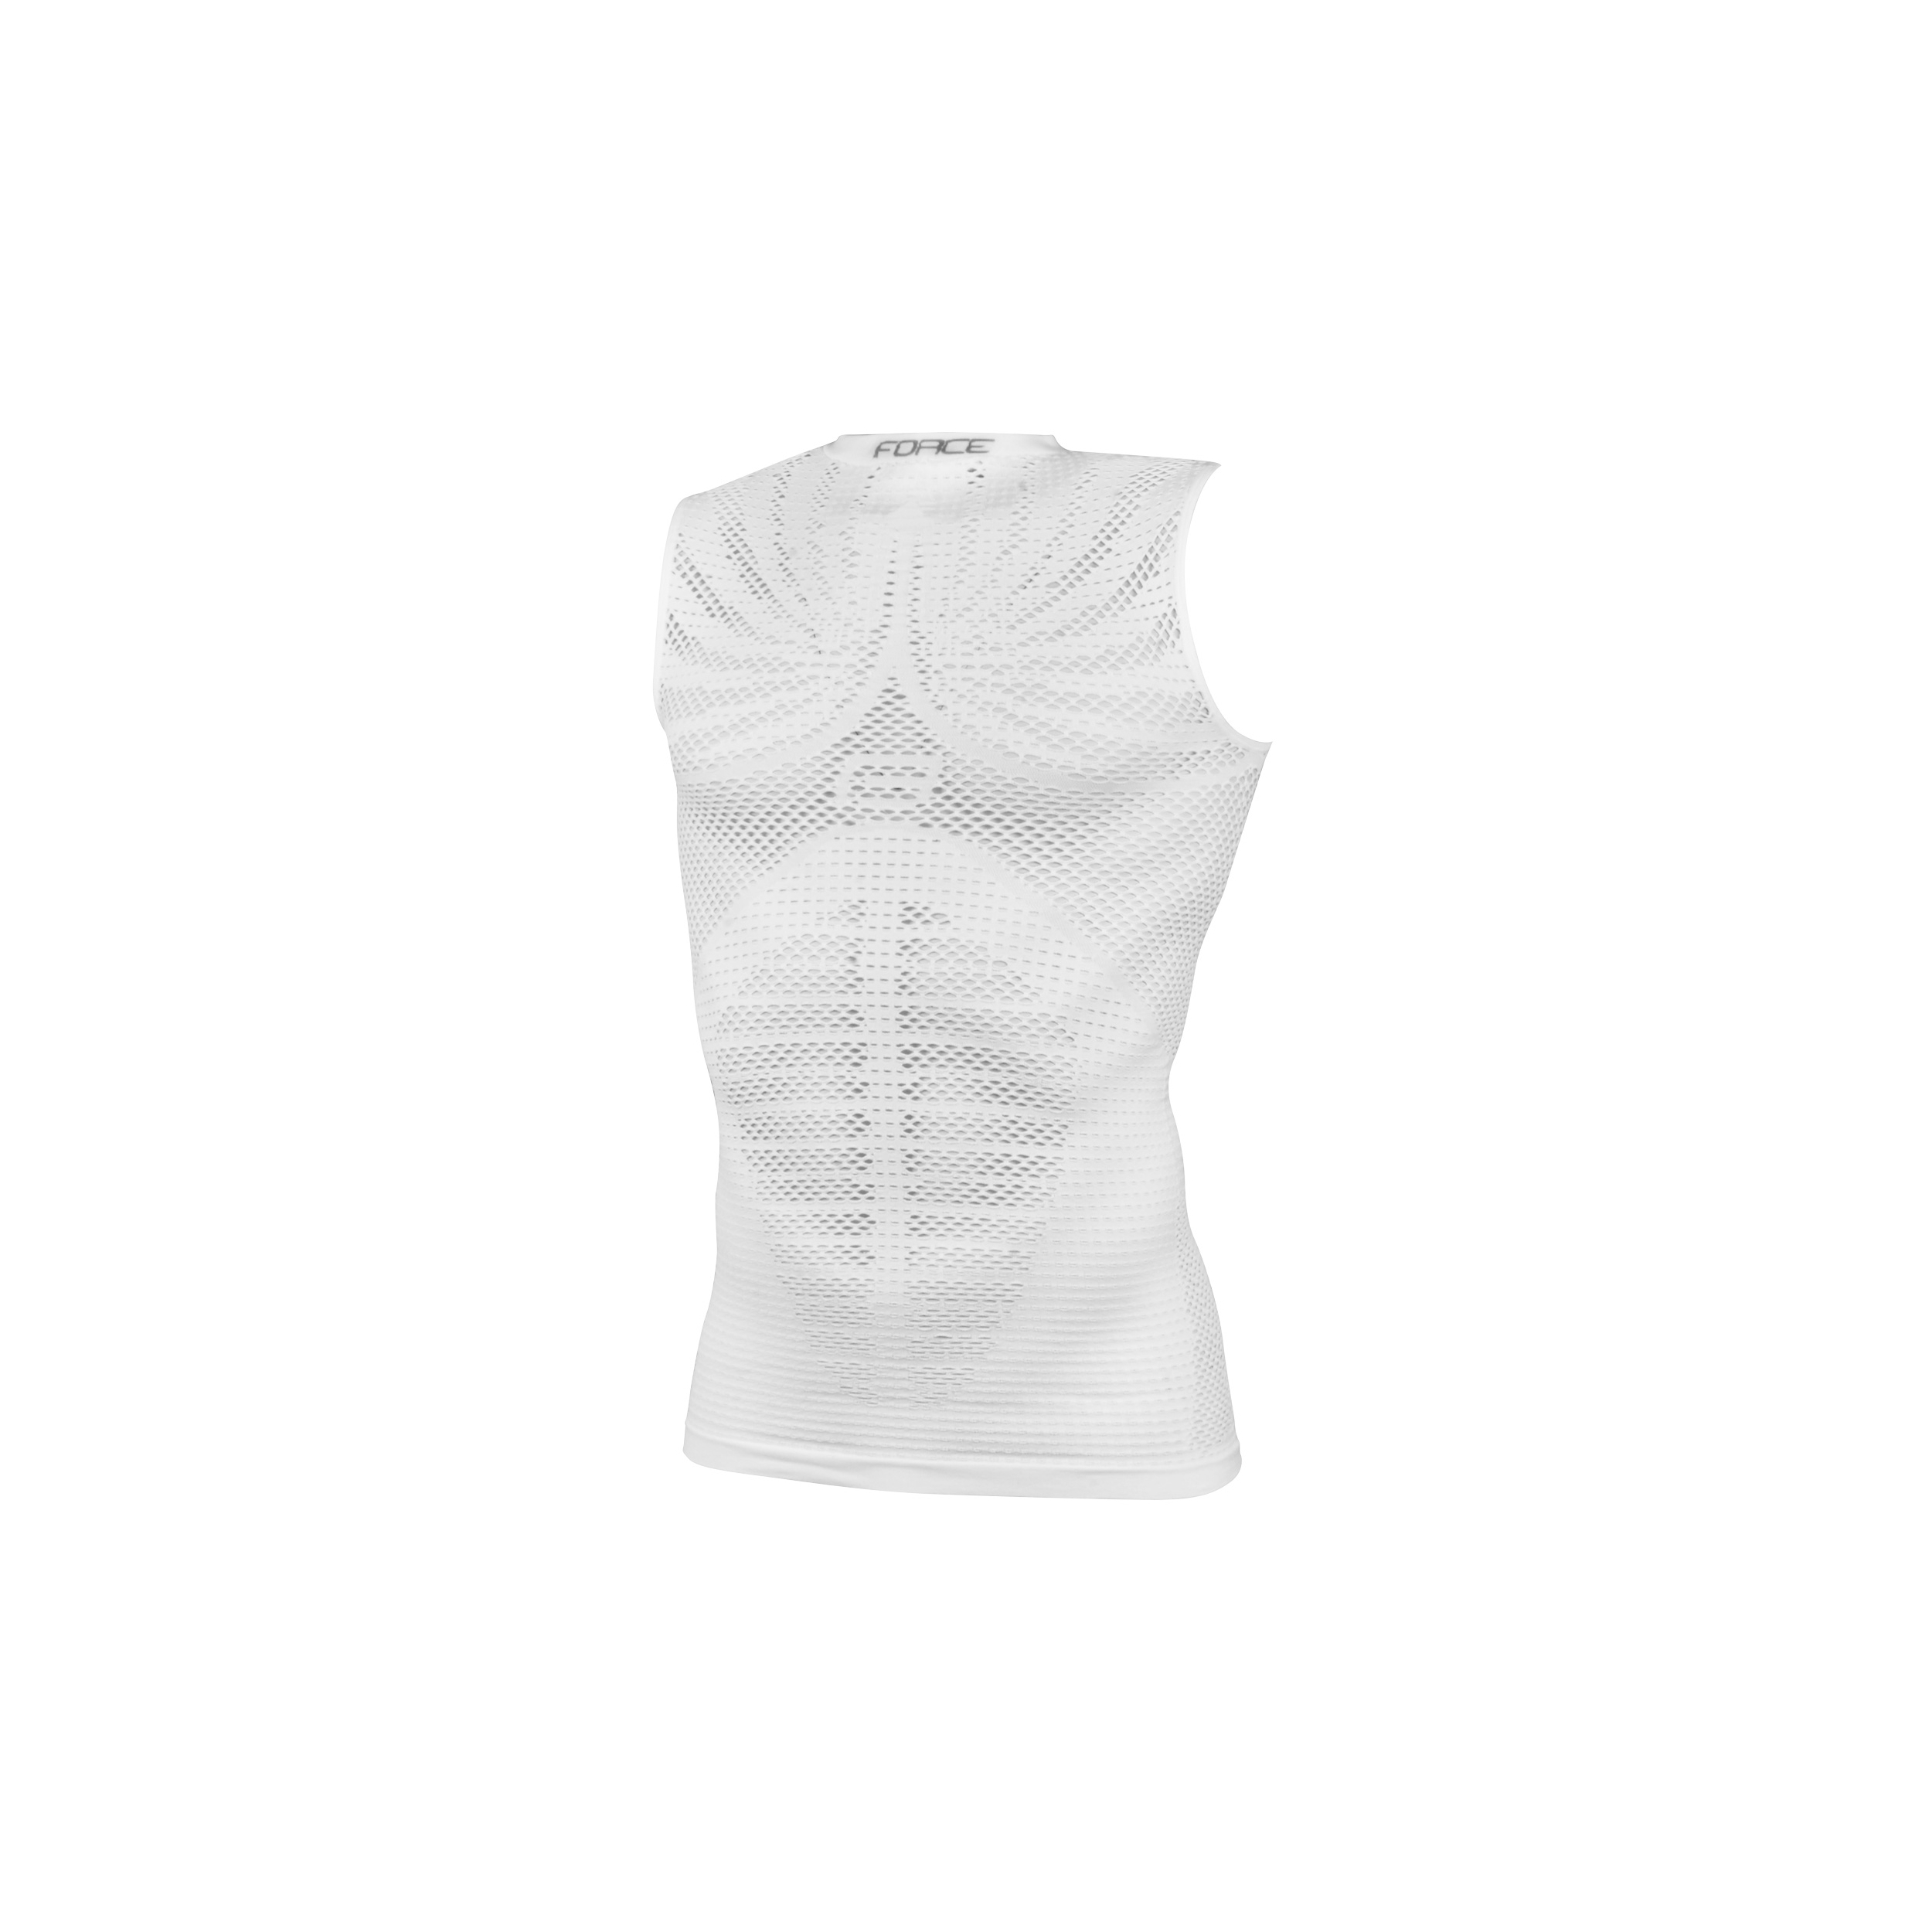 Triko/Funkční prádlo FORCE TROPIC bez rukávů, bílé L-XL